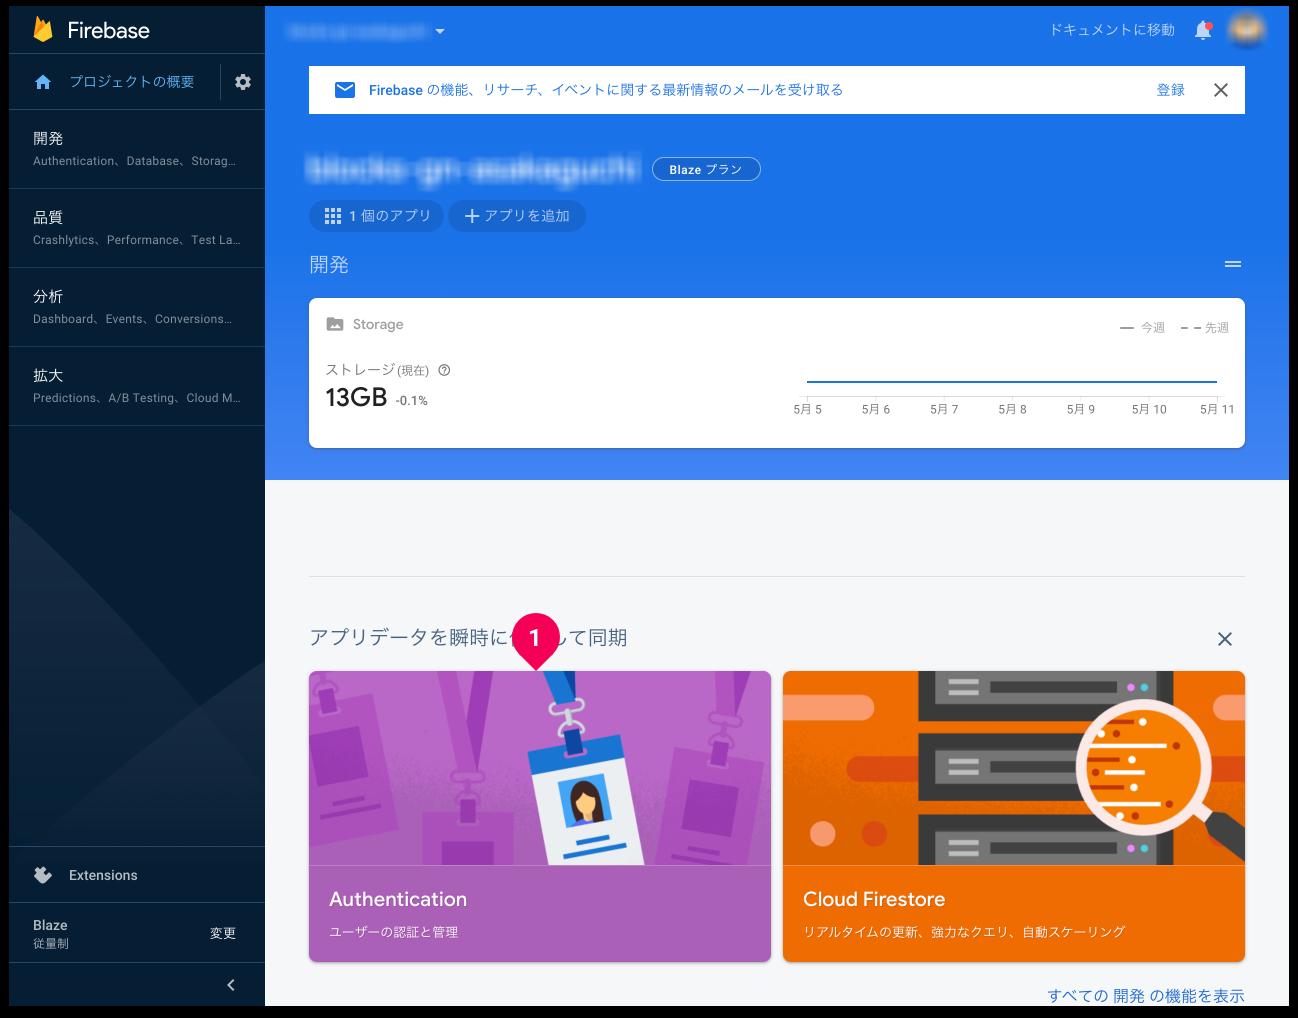 Firebase コンソールから Authentication を選択する様子